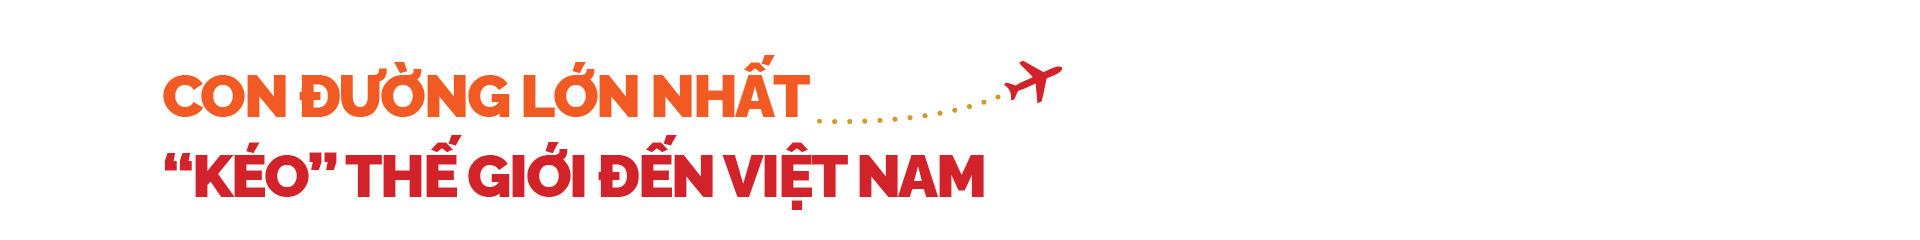 Hàng không, động lực phát triển kinh tế đất nước - Ảnh 9.